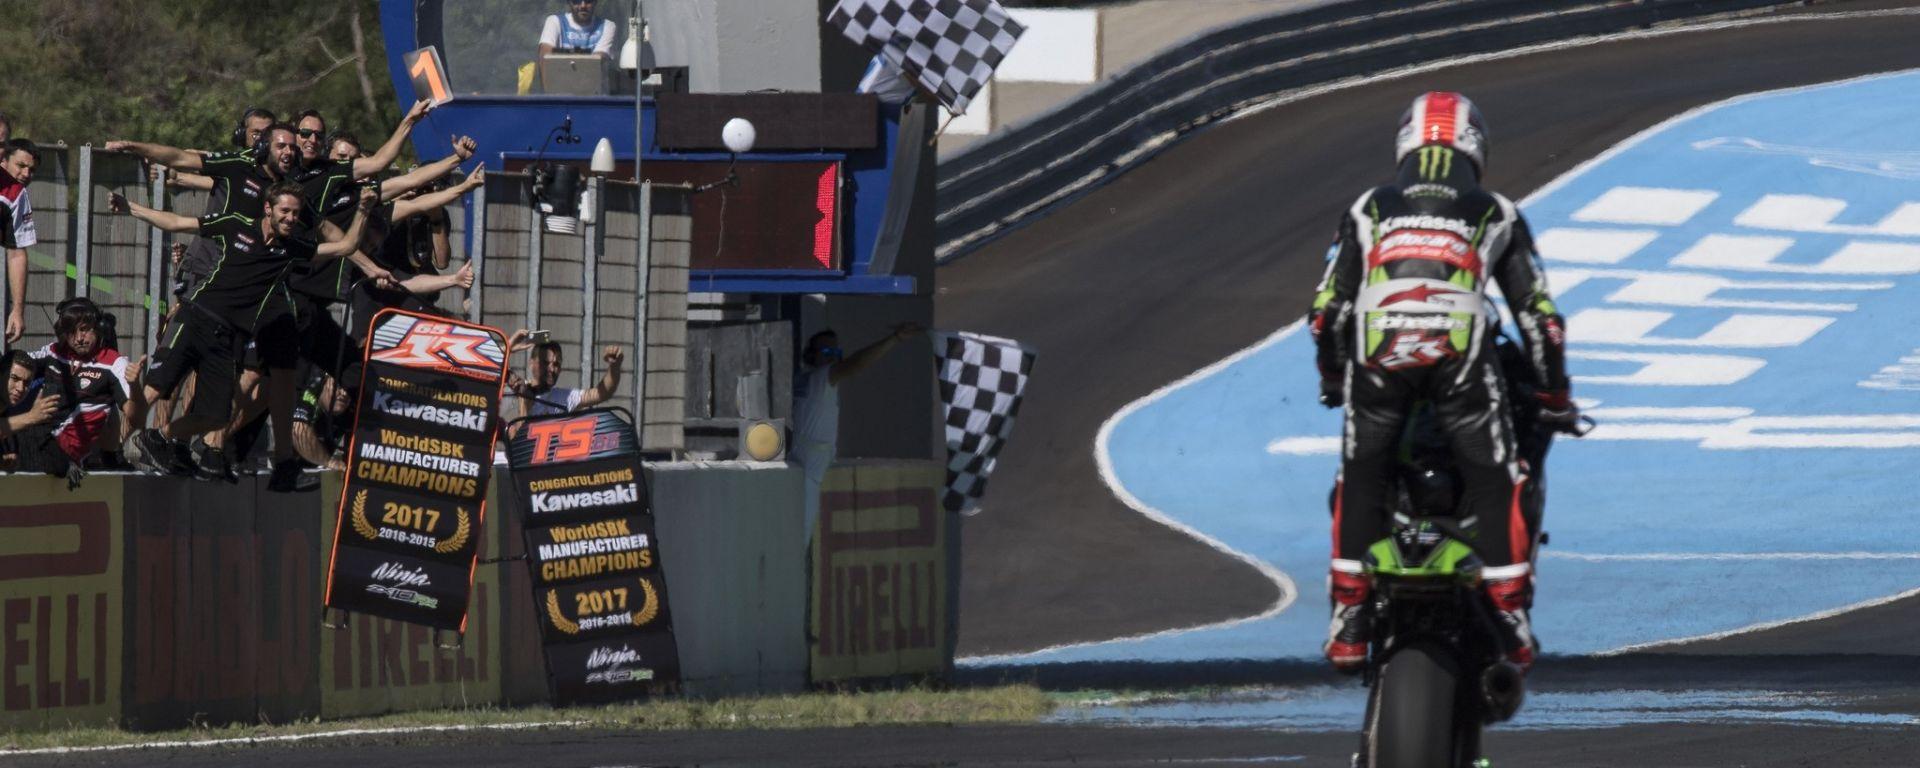 Sbk Jerez 2017: le pagelle del dodicesimo round